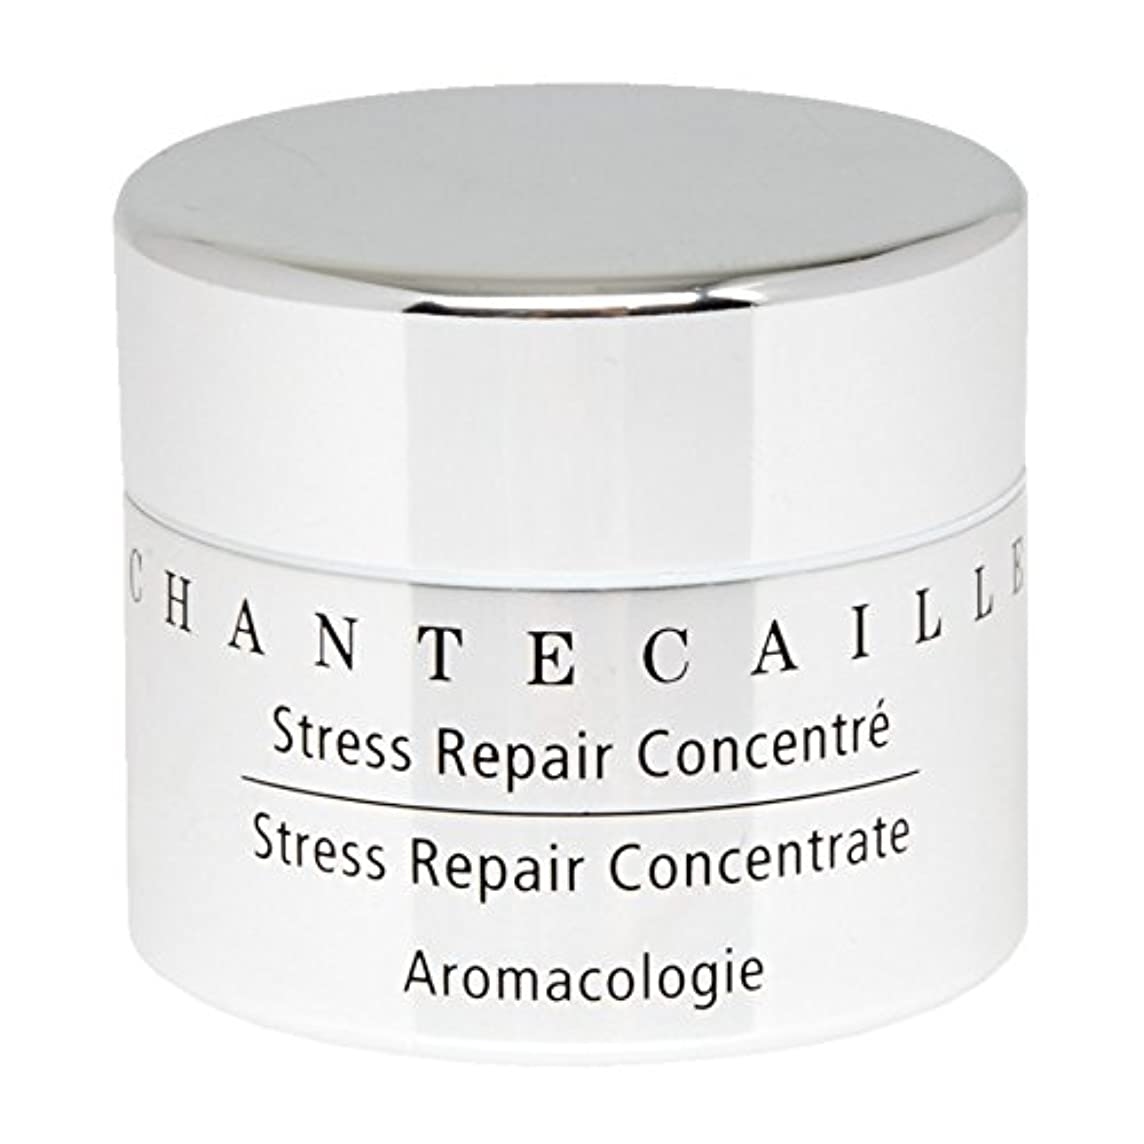 下位セーブ不良品シャンテカイユストレス修復濃縮15ミリリットル x4 - Chantecaille Stress Repair Concentrate 15ml (Pack of 4) [並行輸入品]